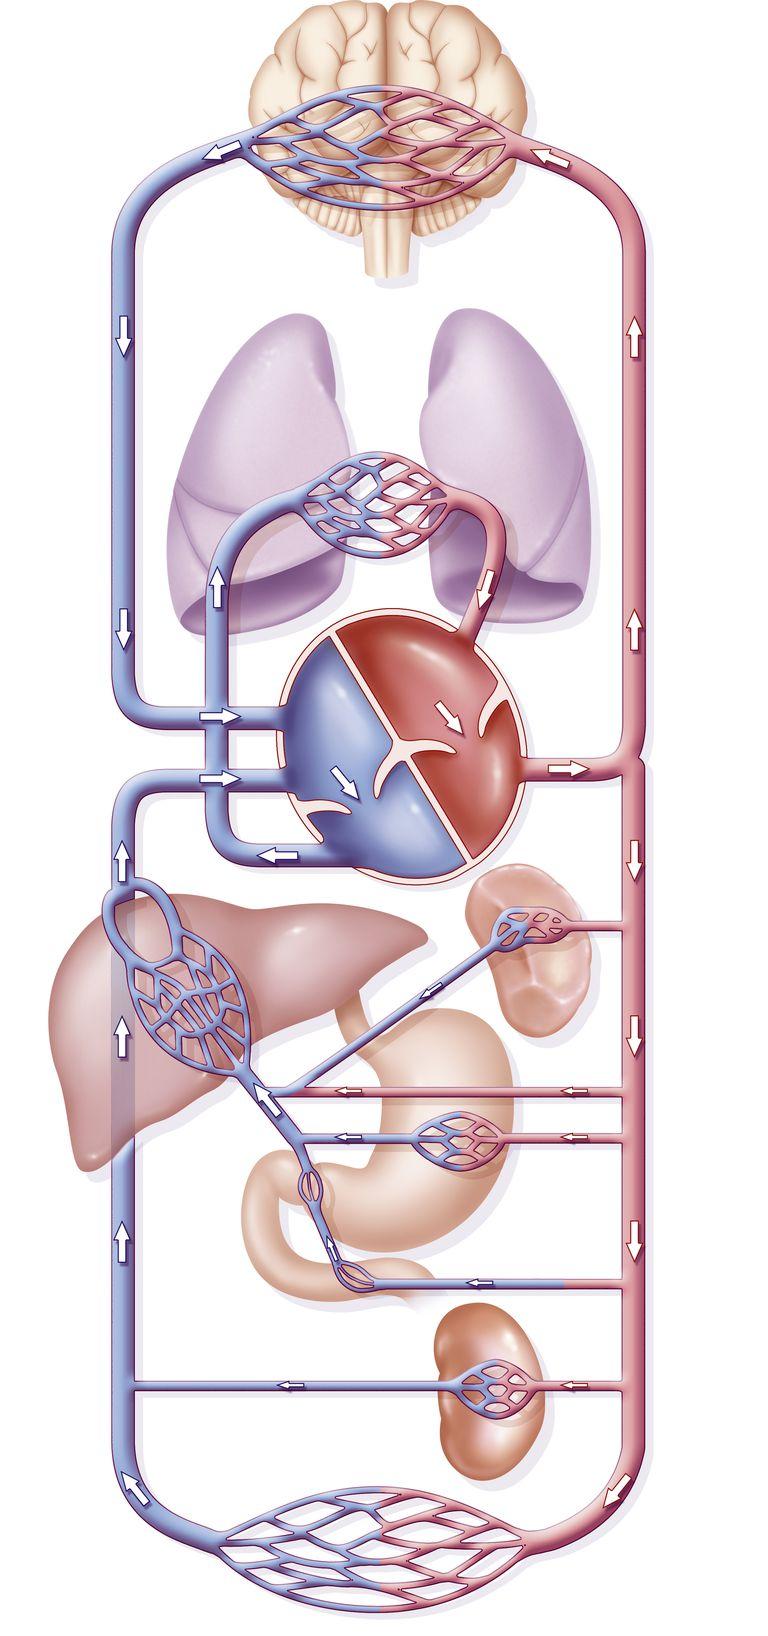 que es la circulacion pulmonar, sistema cardiovascular,